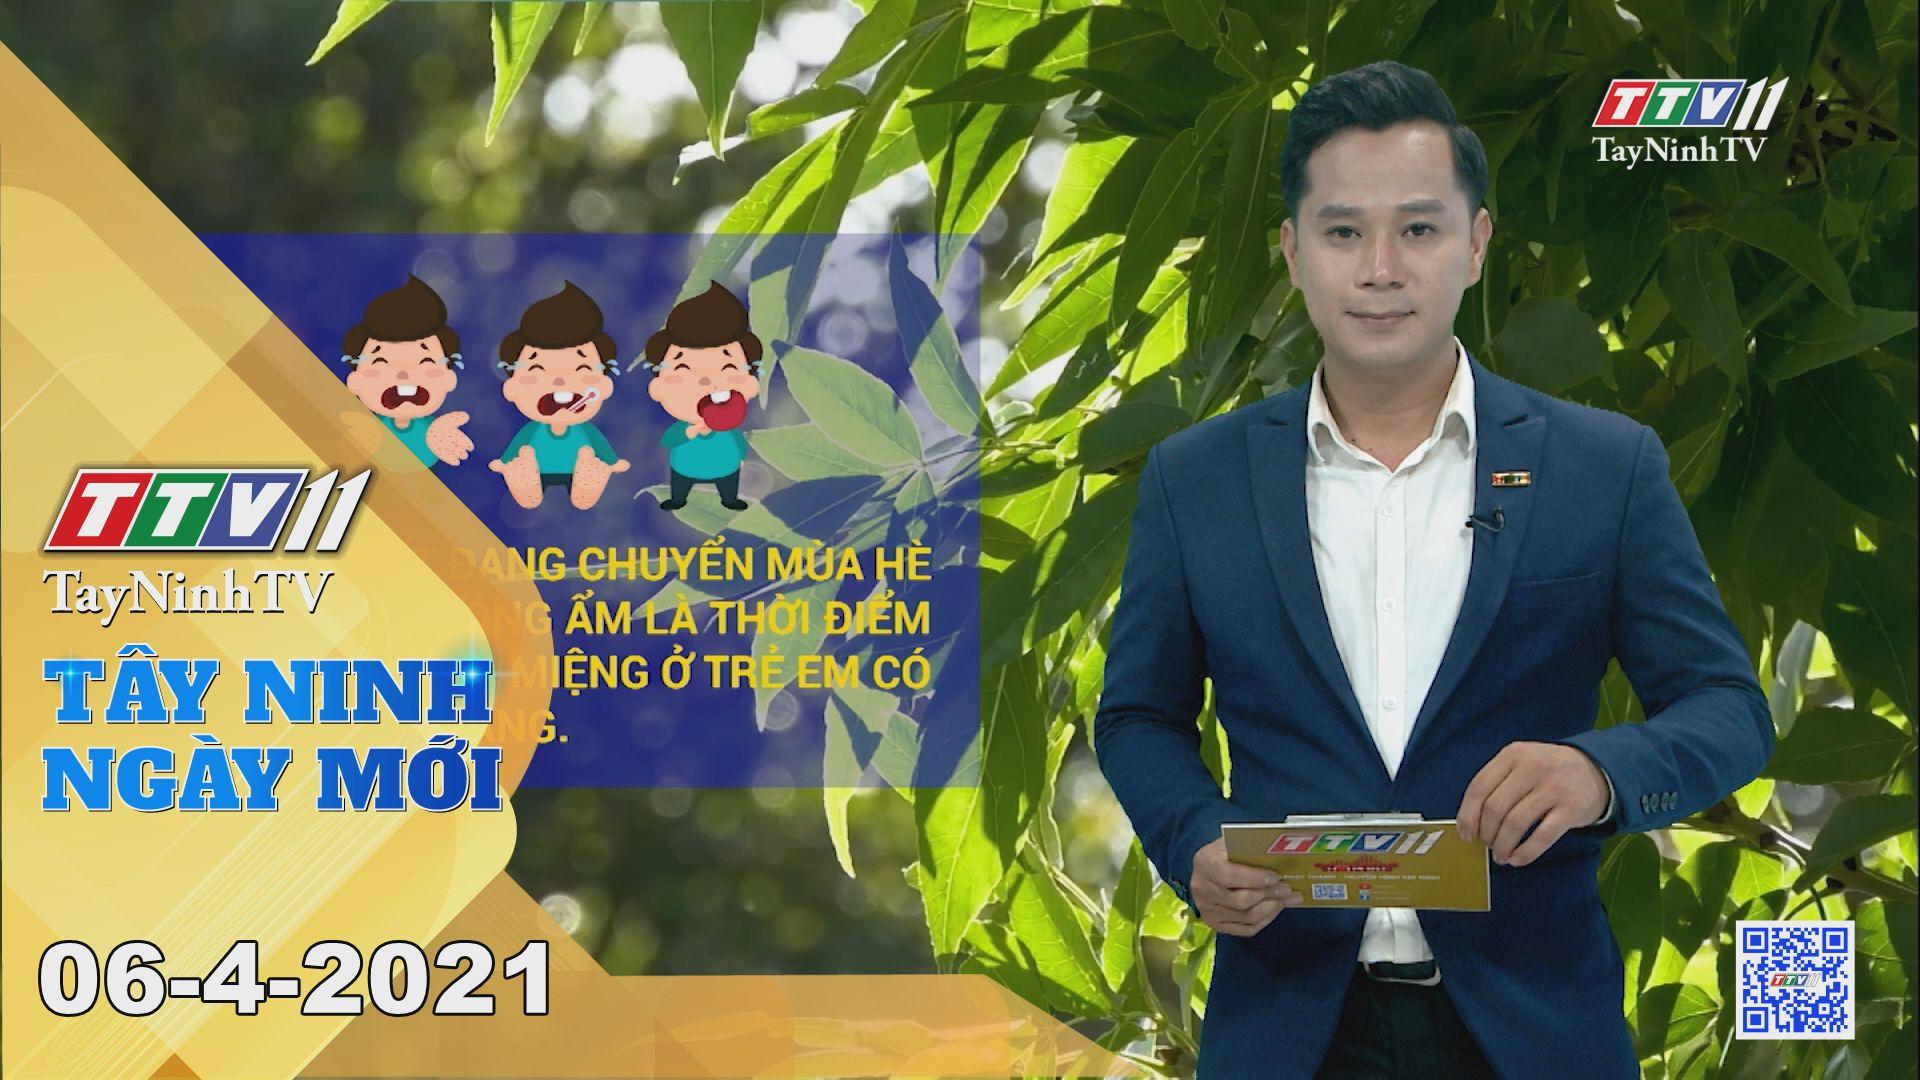 Tây Ninh Ngày Mới 06-4-2021 | Tin tức hôm nay | TayNinhTV